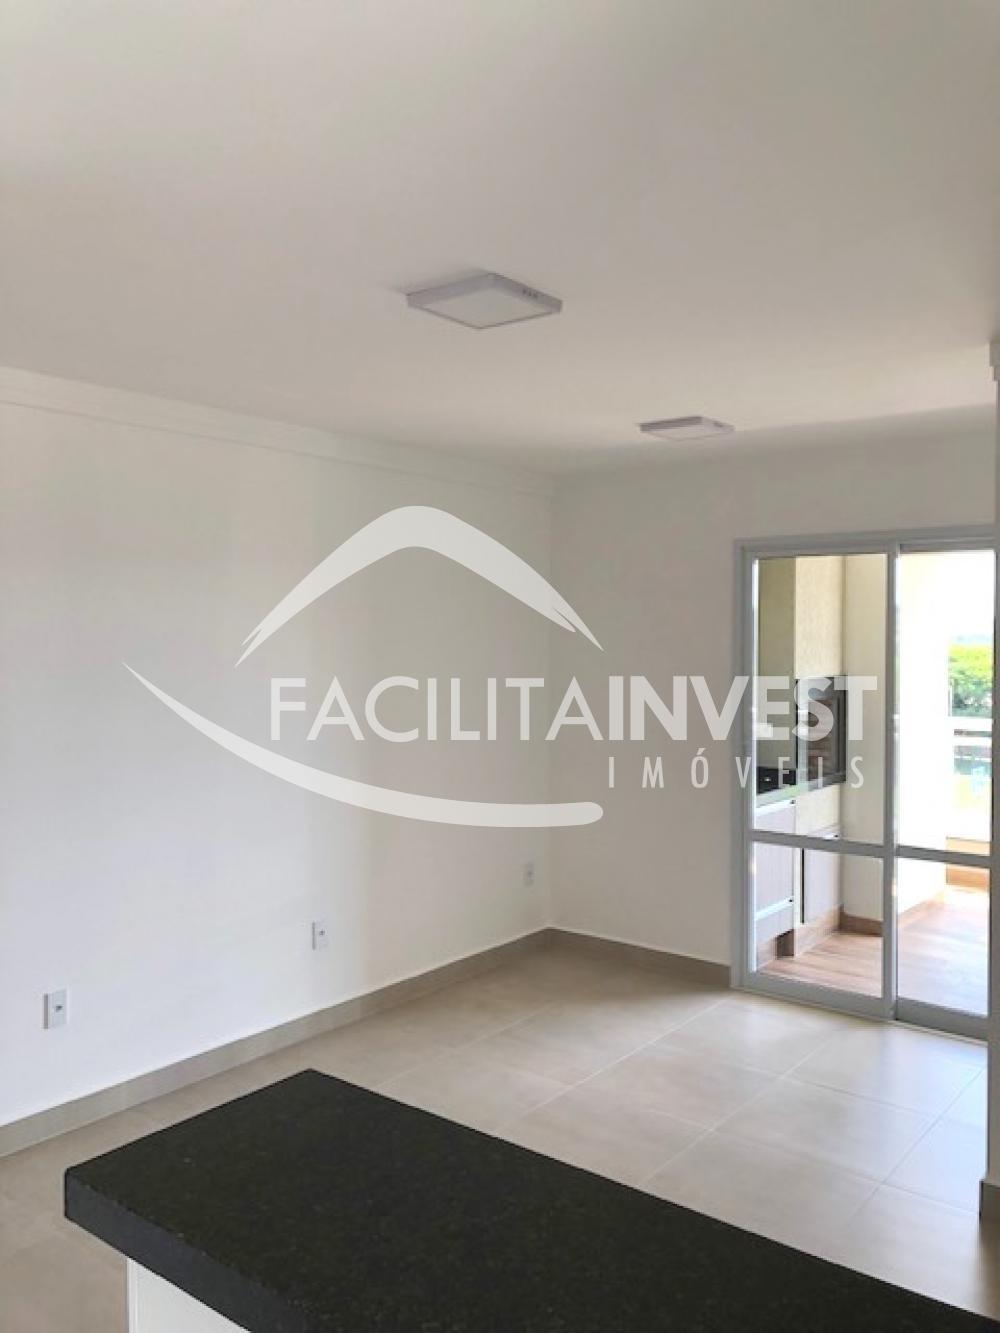 Alugar Lançamentos/ Empreendimentos em Construç / Apartamento padrão - Lançamento em Ribeirão Preto apenas R$ 1.200,00 - Foto 2